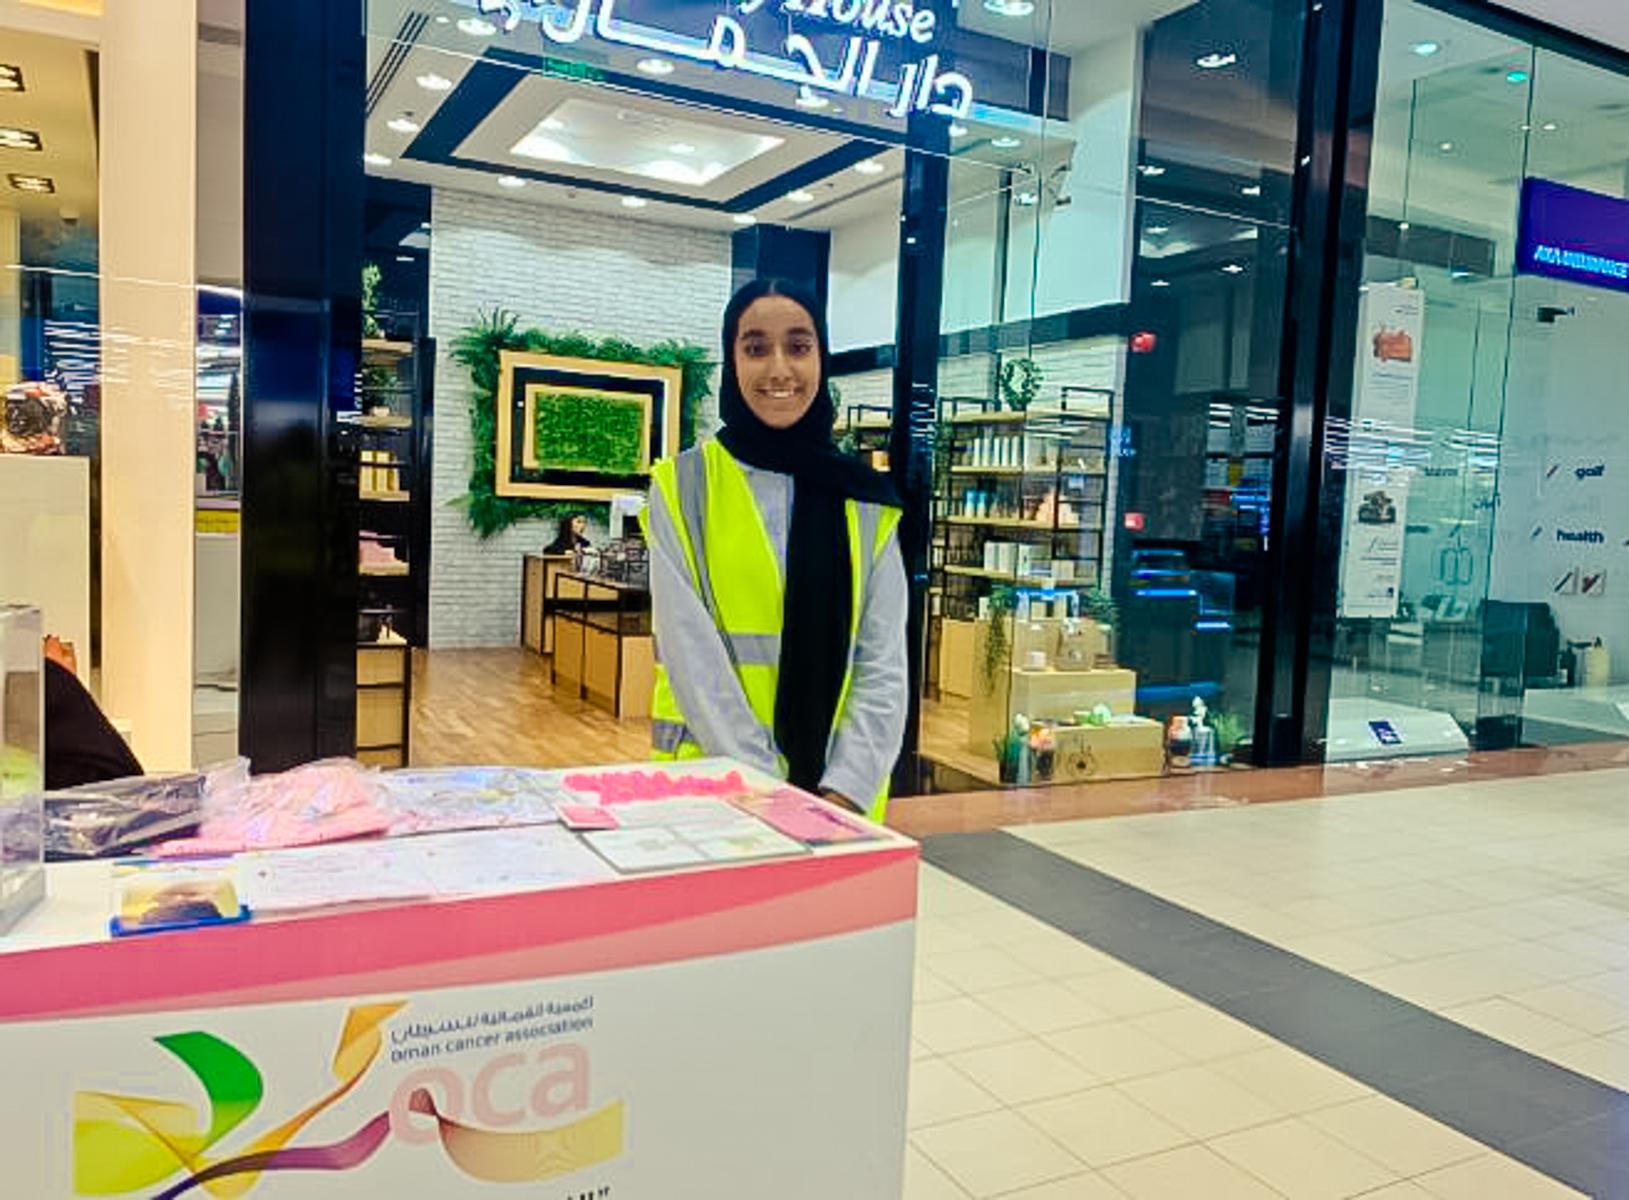 OCA volunteering in malls 3